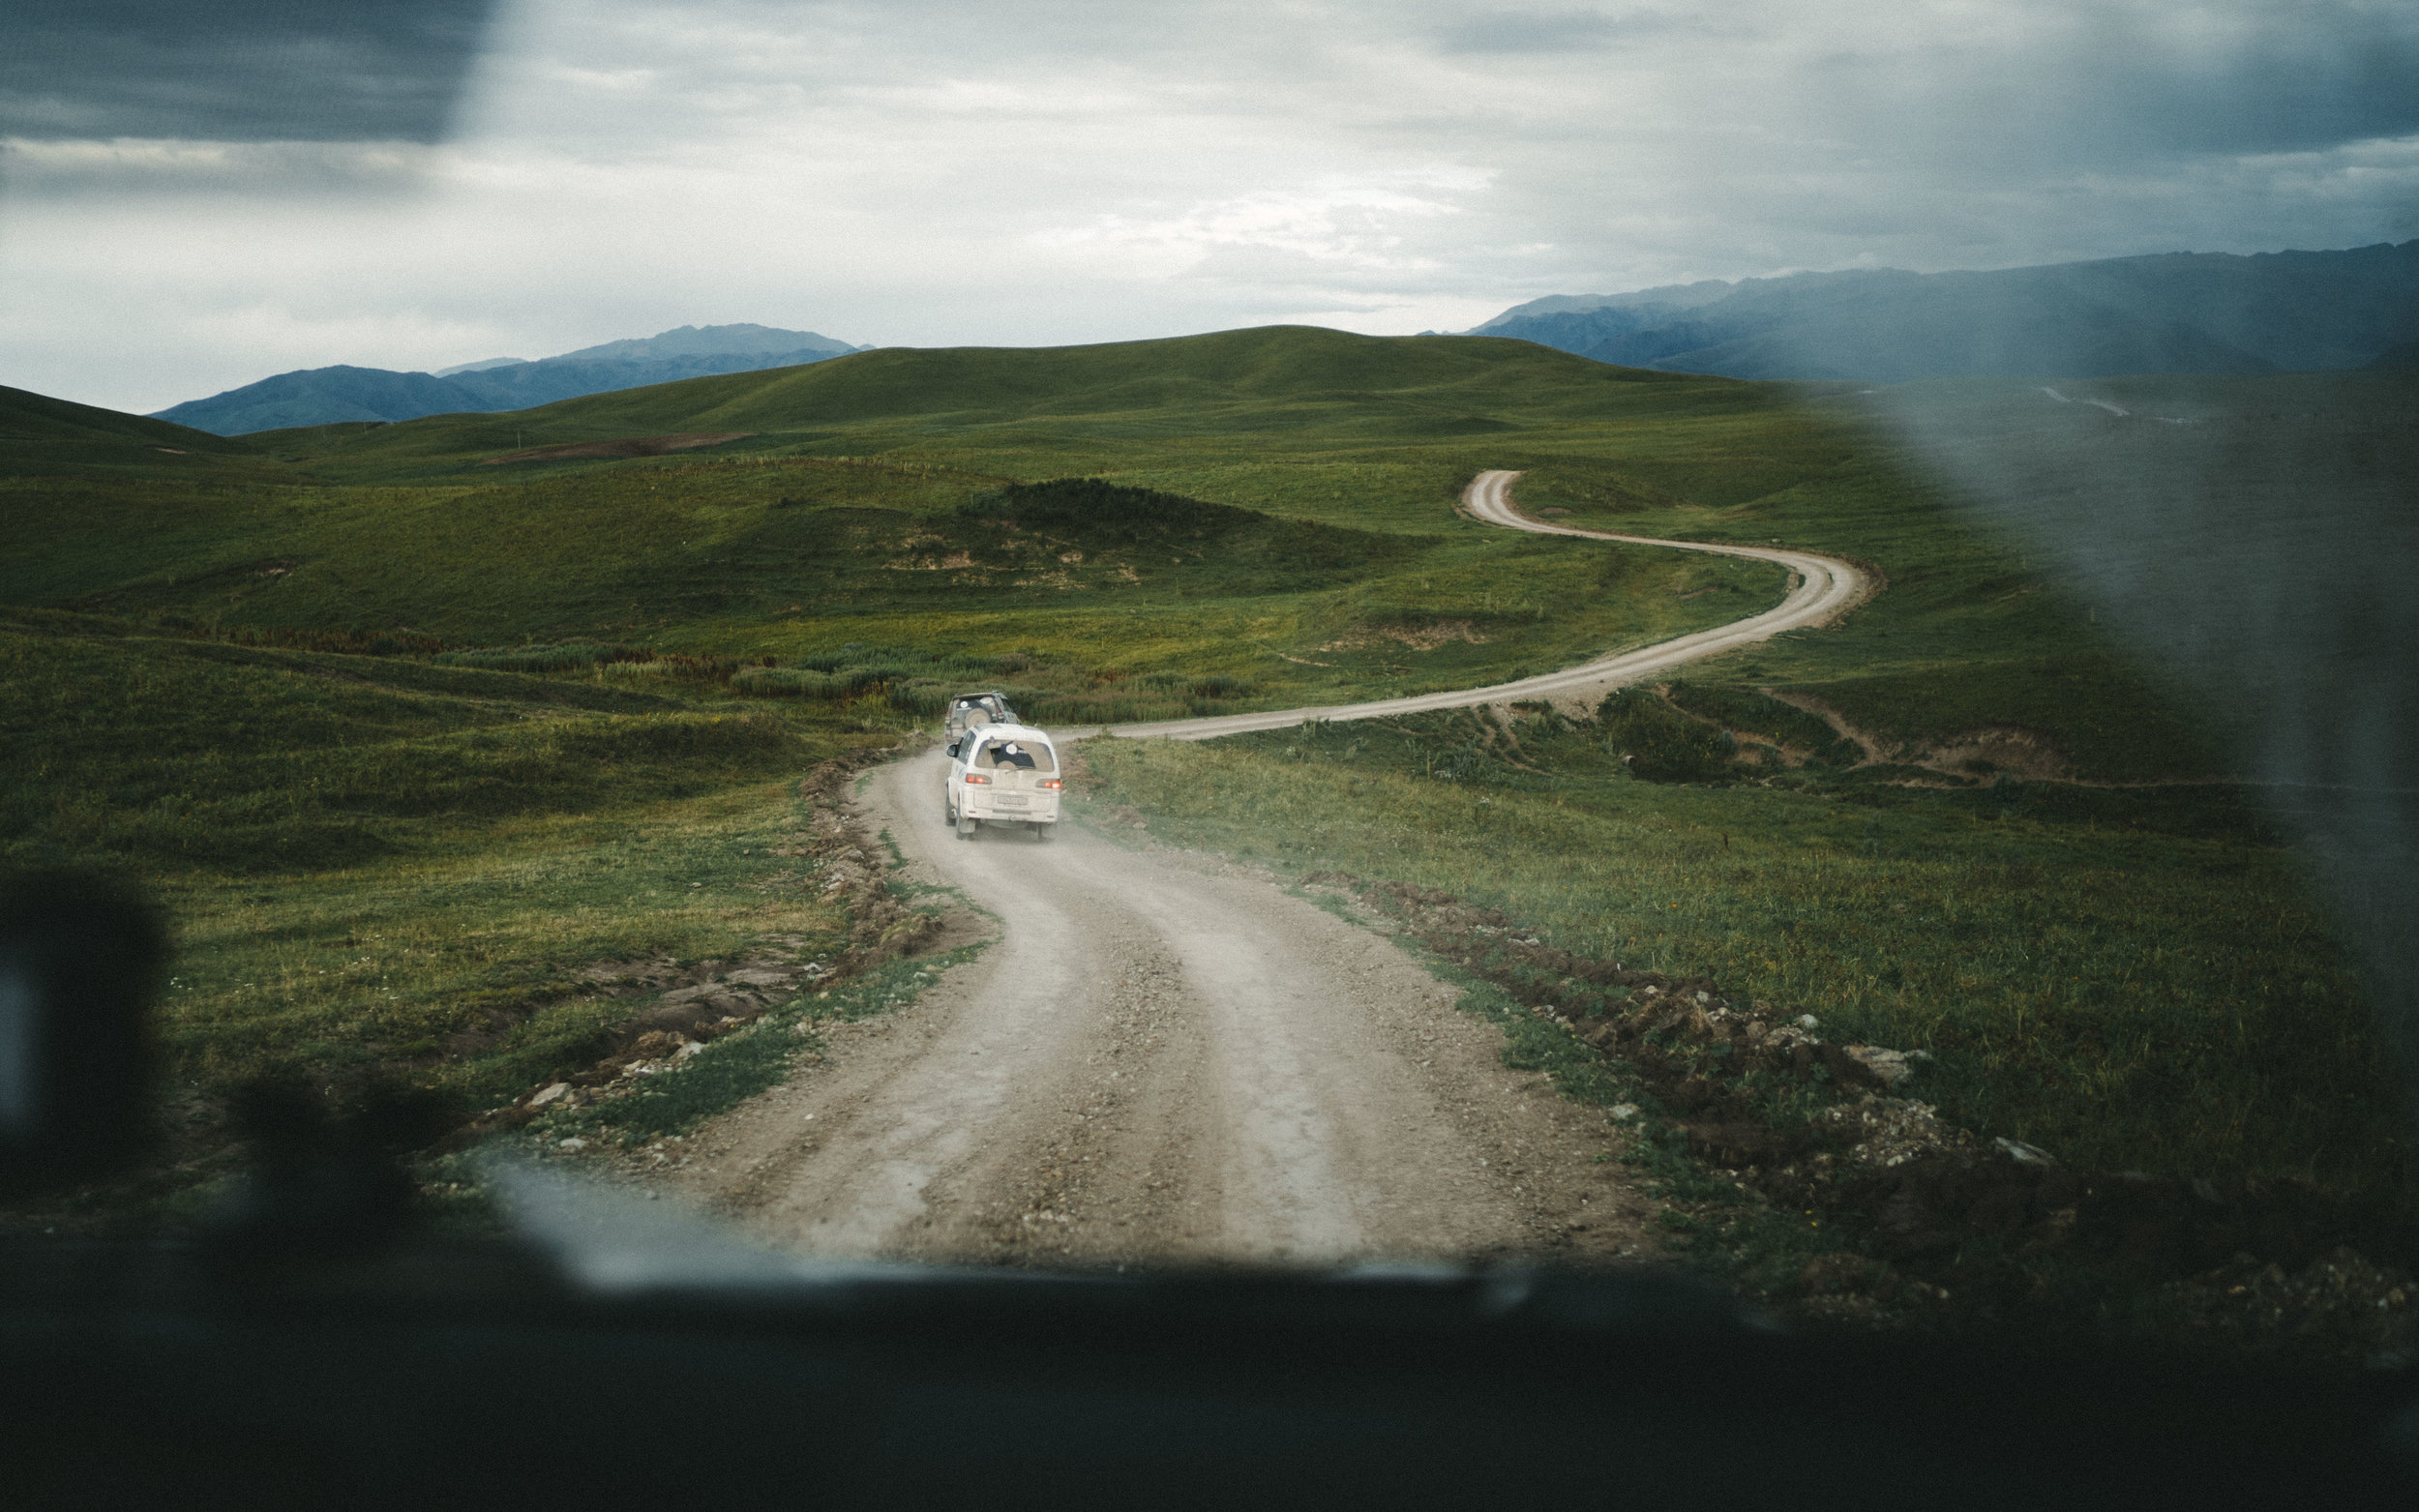 Countryside drives, Kazakhstan.